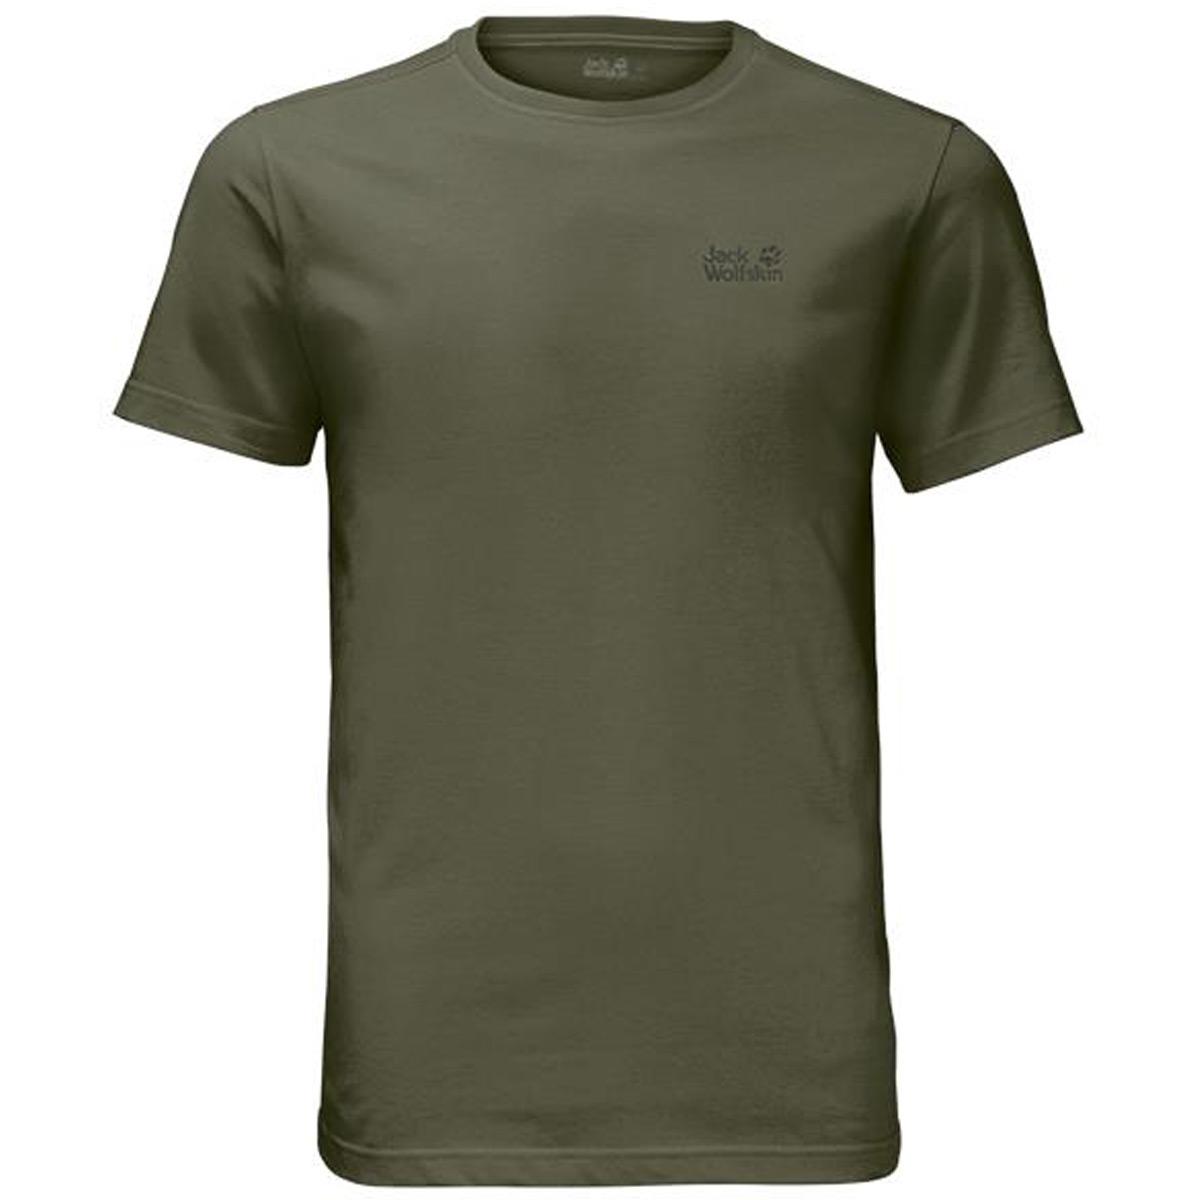 Jack-Wolfskin-Mens-2019-Essential-Cotton-Blend-Lightweight-T-Shirt-36-OFF-RRP